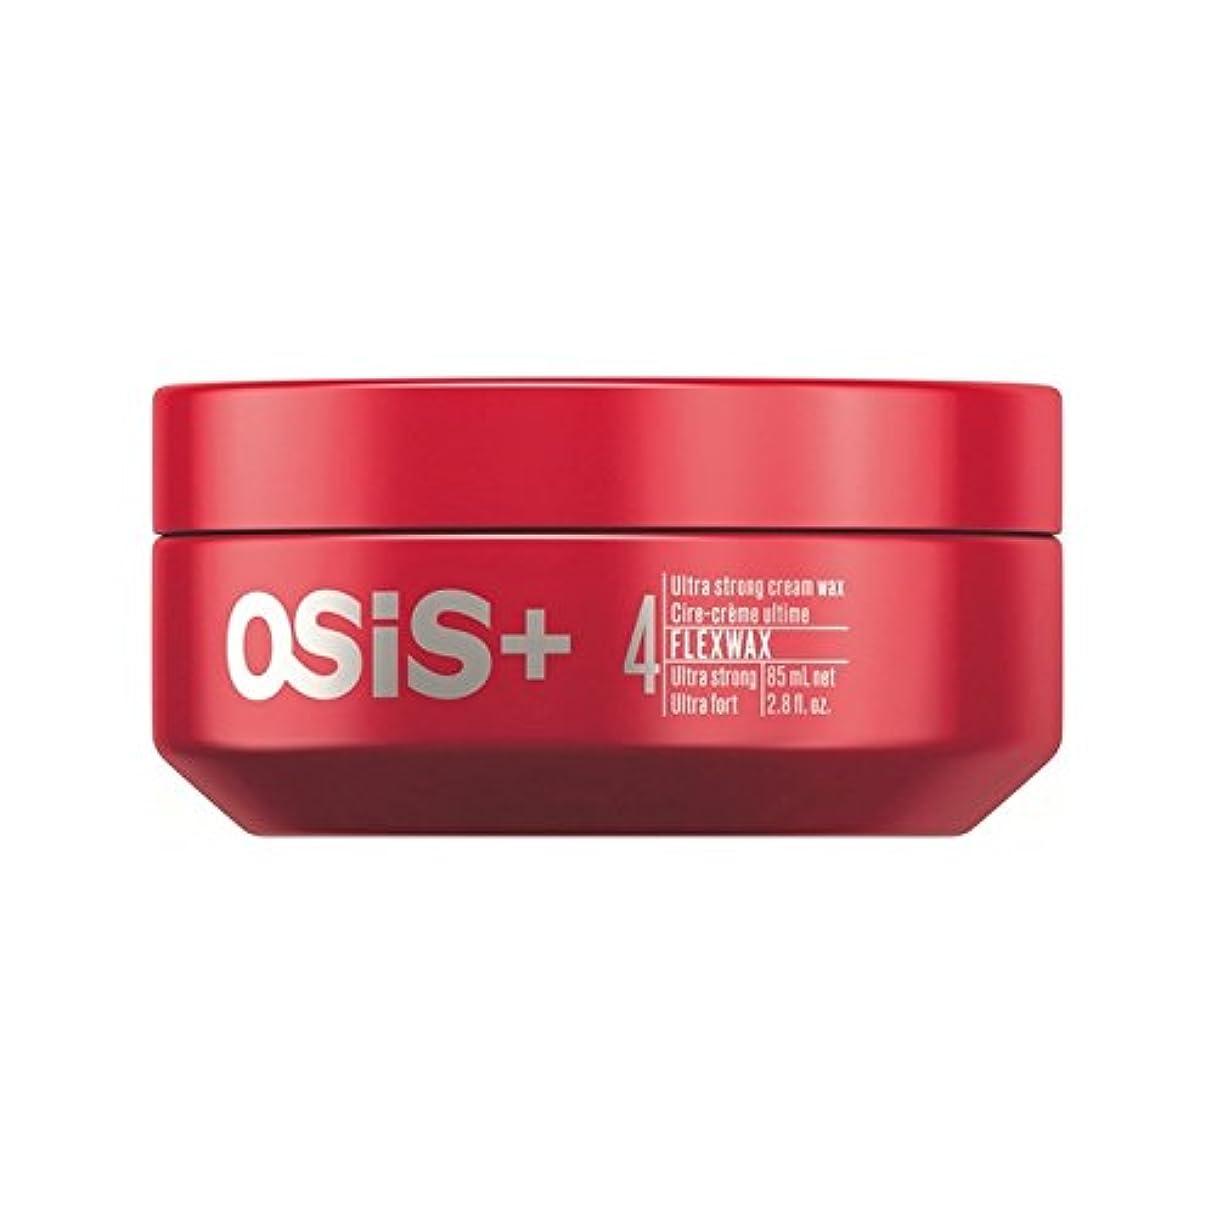 交渉する透ける正確Schwarzkopf Osis Flexwax Ultra Strong Cream Wax (85ml) - シュワルツコフ 超強力なクリームワックス(85ミリリットル) [並行輸入品]